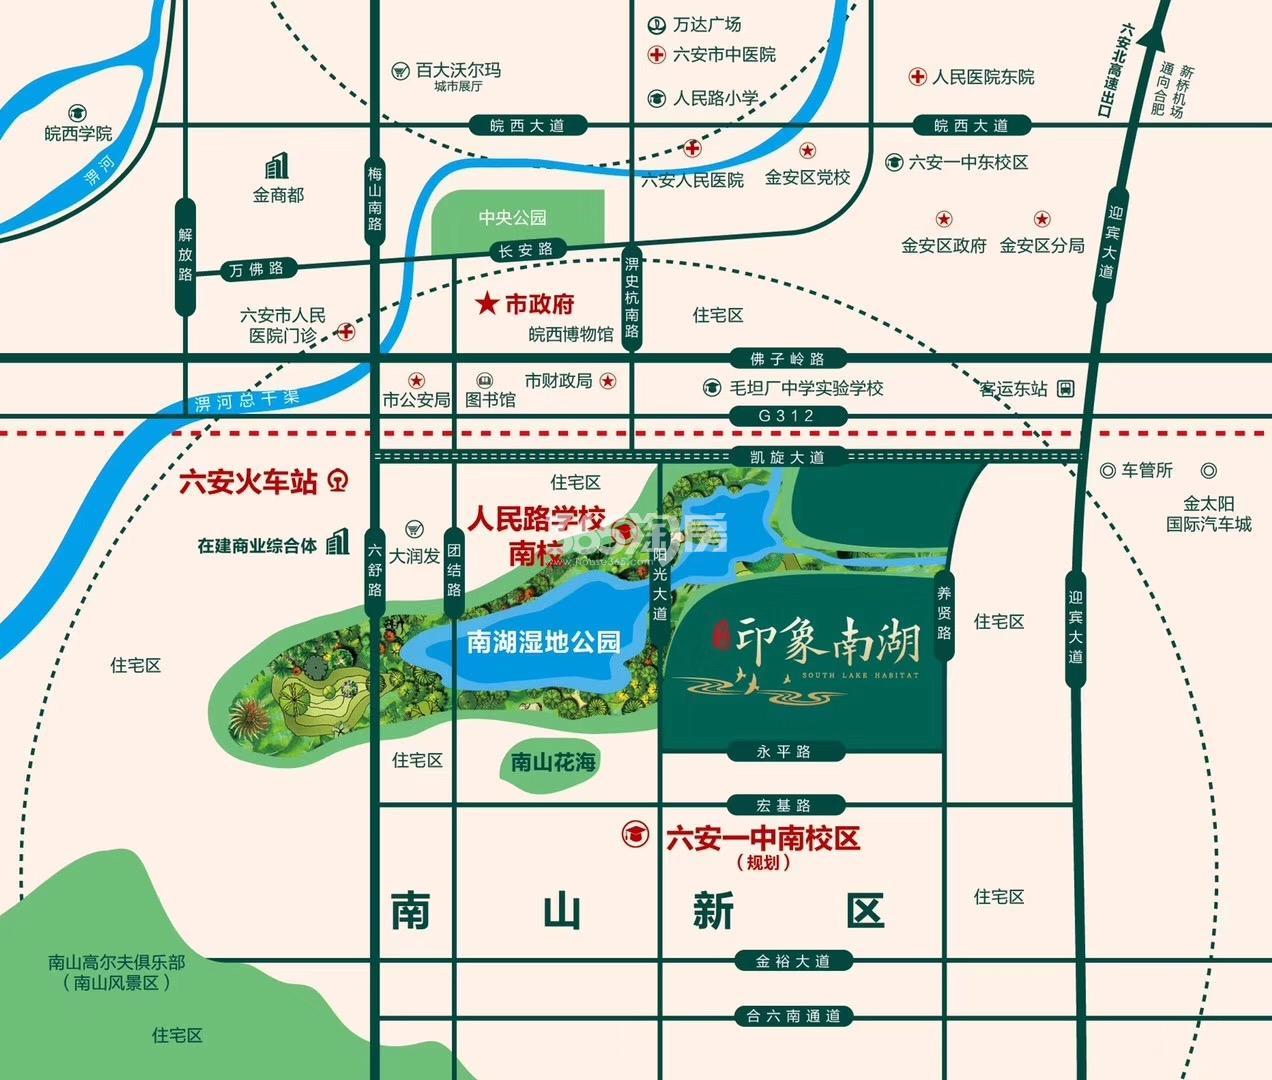 印象南湖交通图